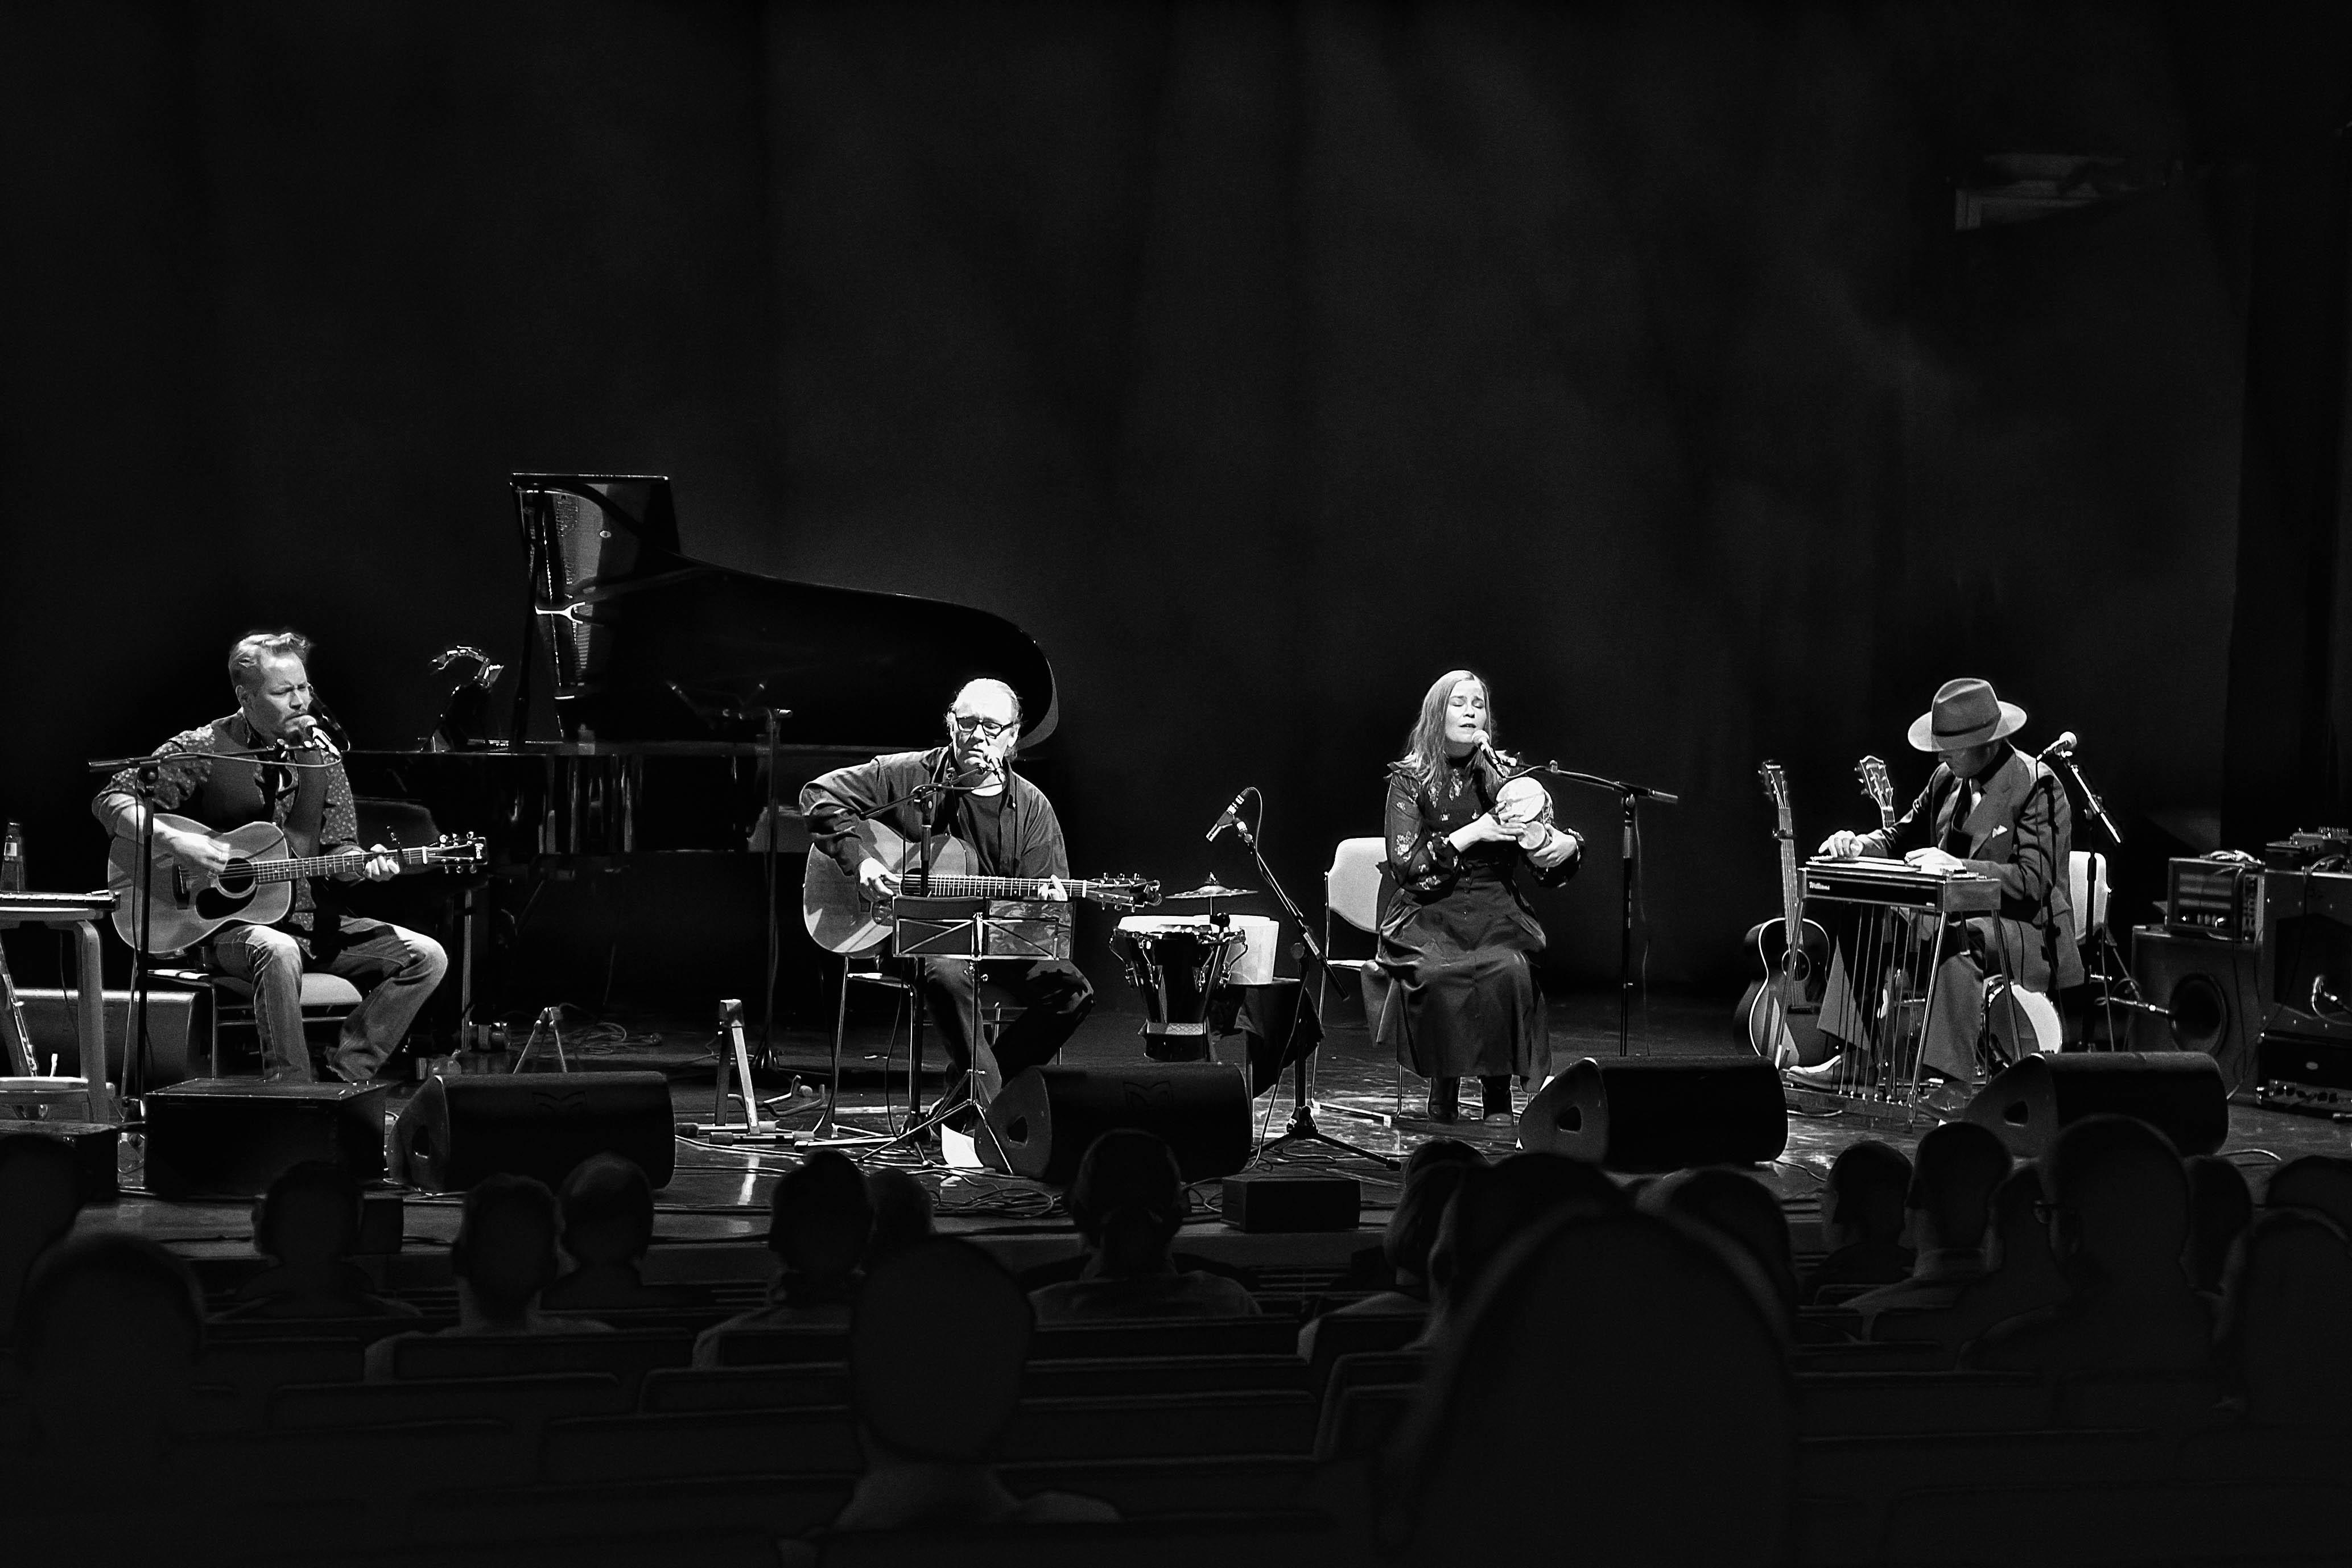 Edu, Mika ja Iivanaiset esittävät yhdessä omia kappaleitaan sekä myös huolella valikoimiaan lainakappaleita Kangasala-talossa toukokuussa 2020.